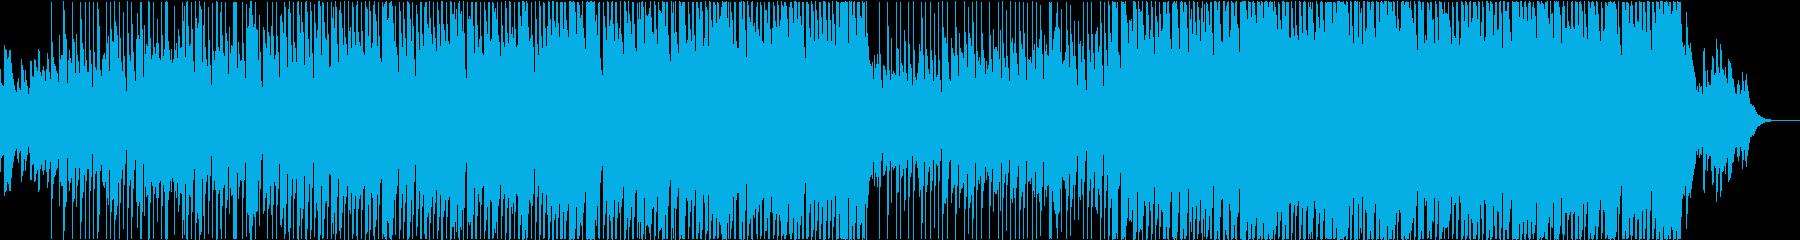 爽やか・前向きな雰囲気のポップスの再生済みの波形